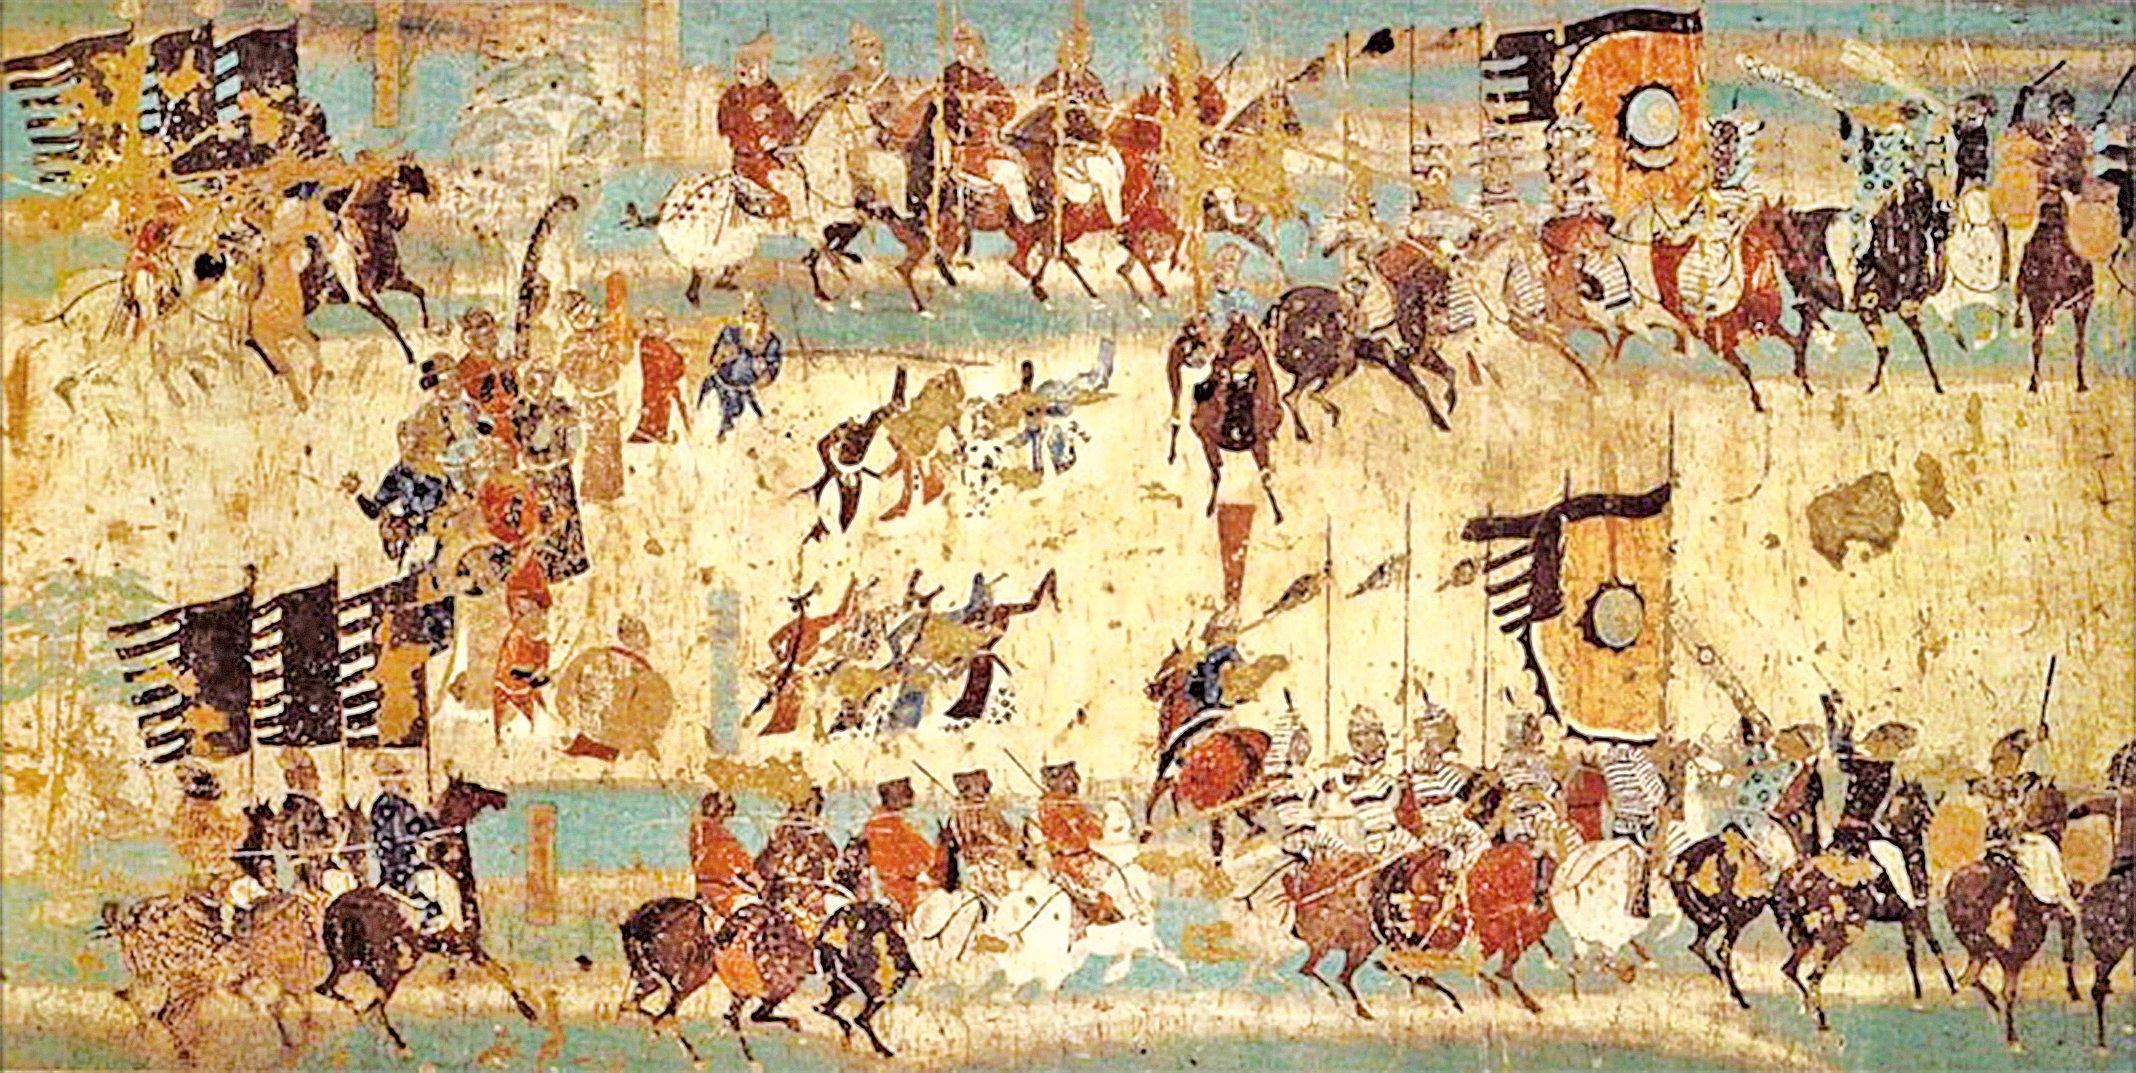 敦煌莫高窟217窟壁畫《破陣樂舞勢圖》(公有領域)